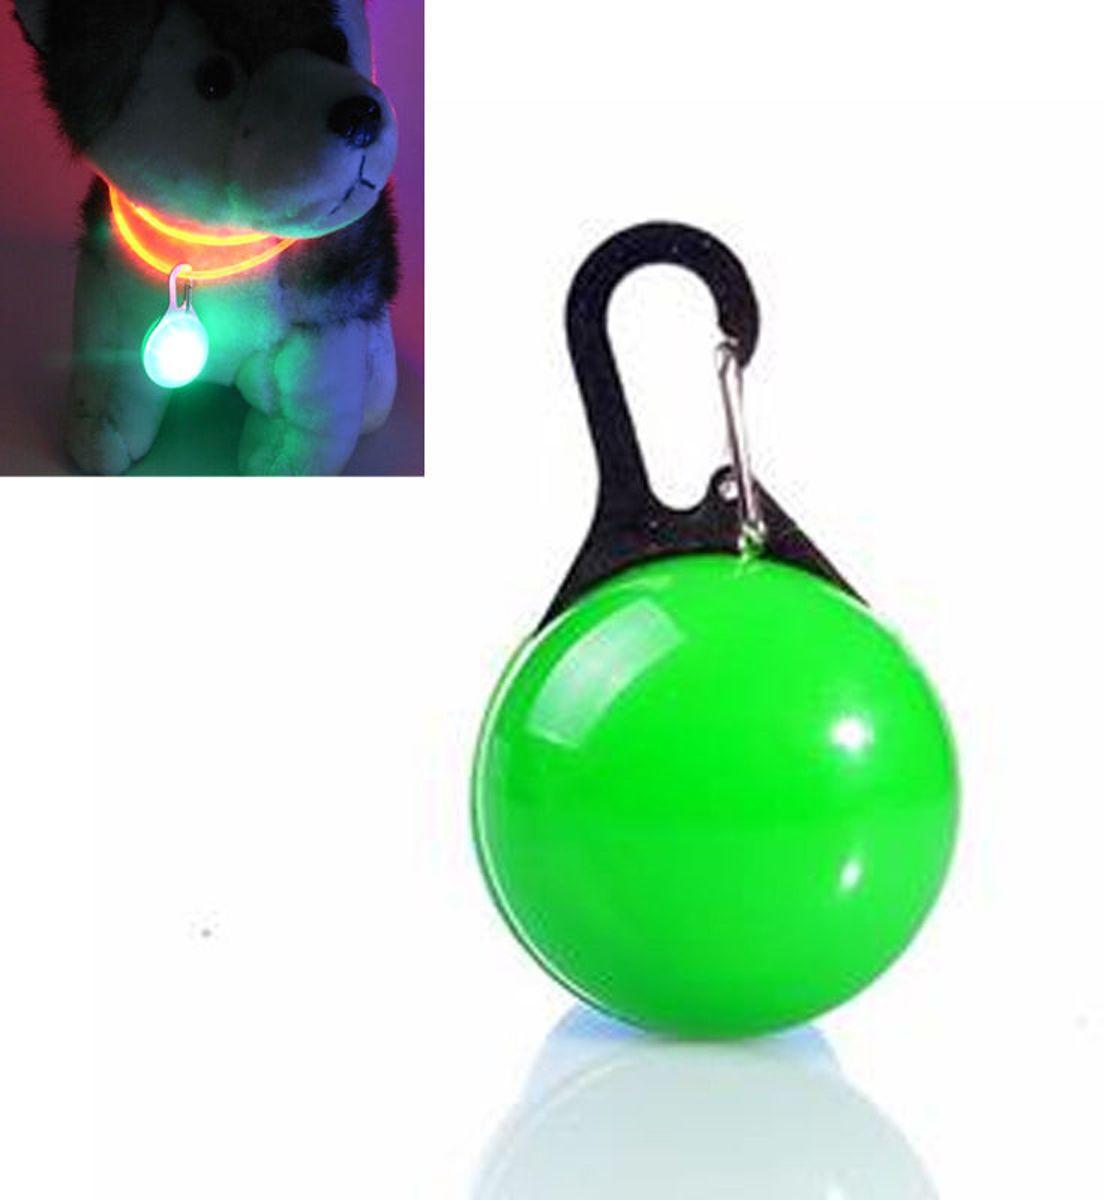 Led honden halsband verlichting - Led lamp hondenriem - licht voor aan de hondenriem - Groen kopen